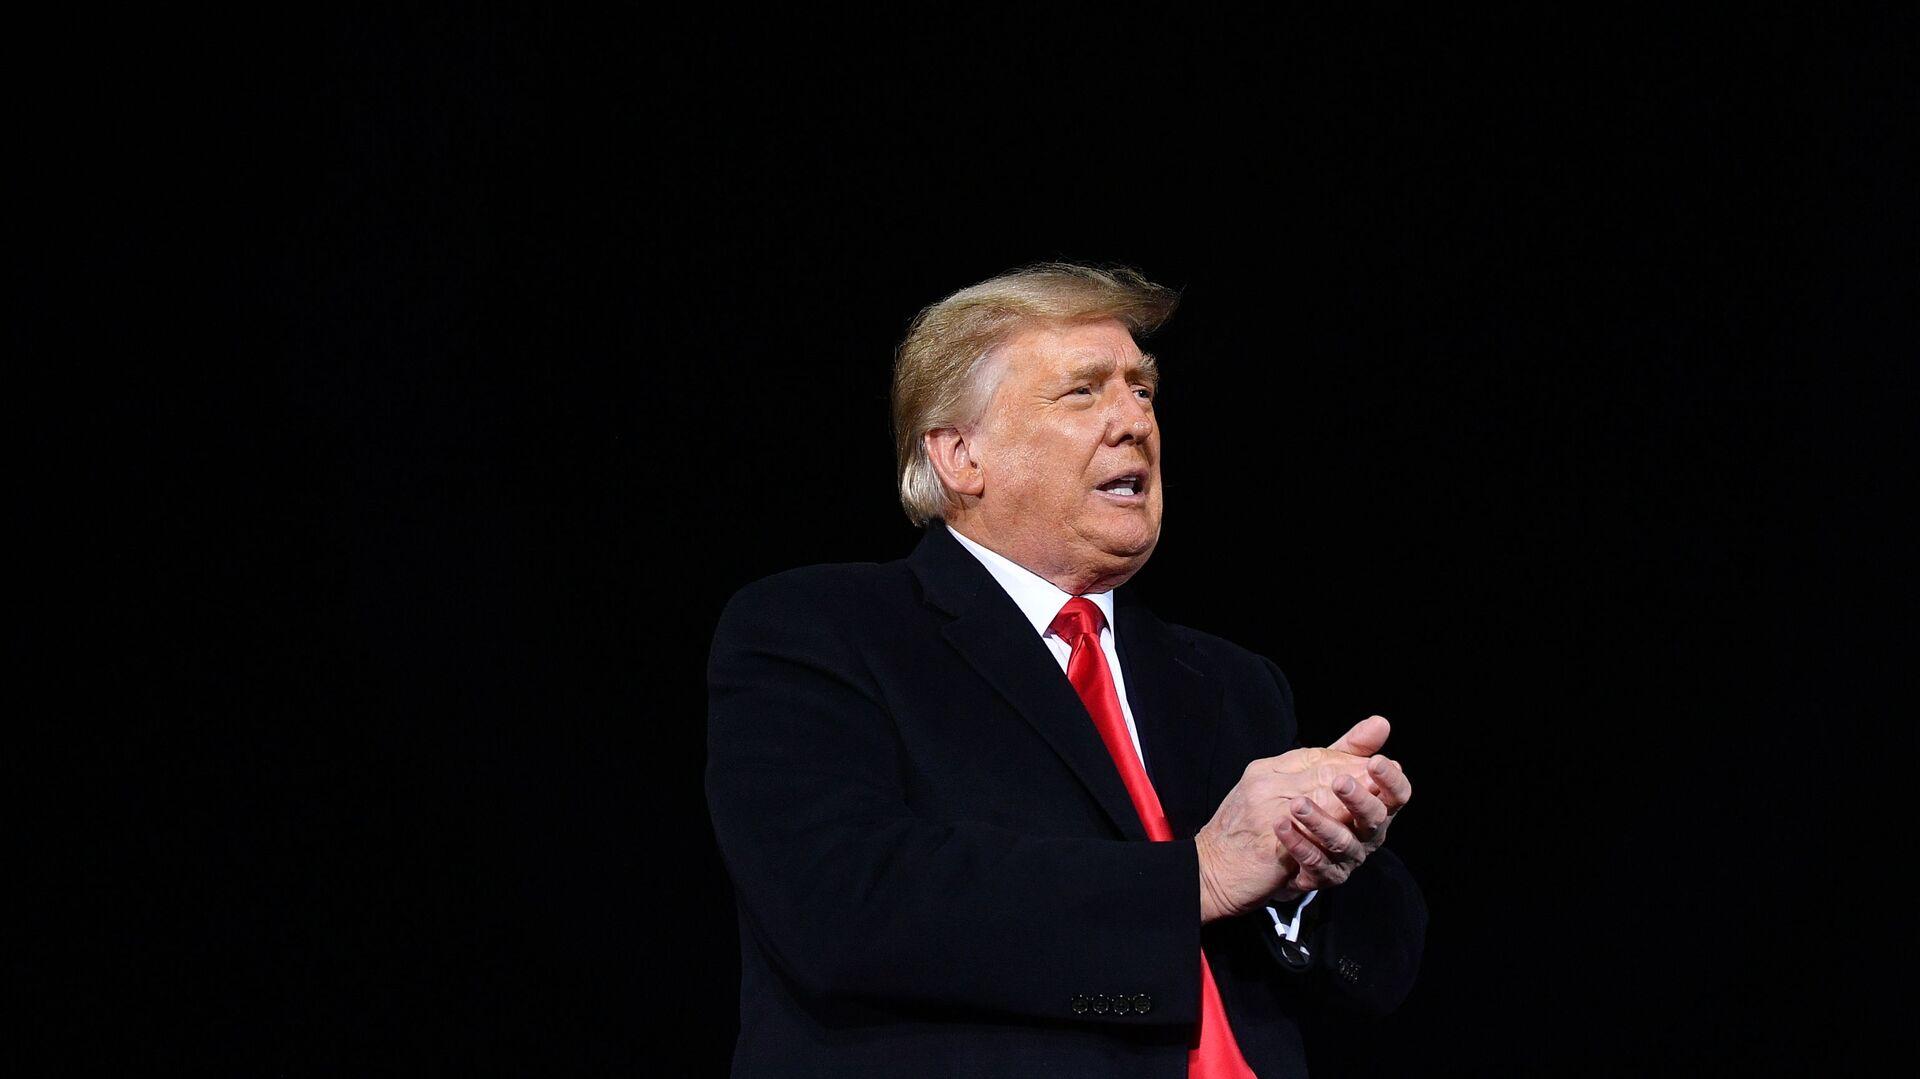 Donald Trump, presidente de EEUU - Sputnik Mundo, 1920, 12.02.2021